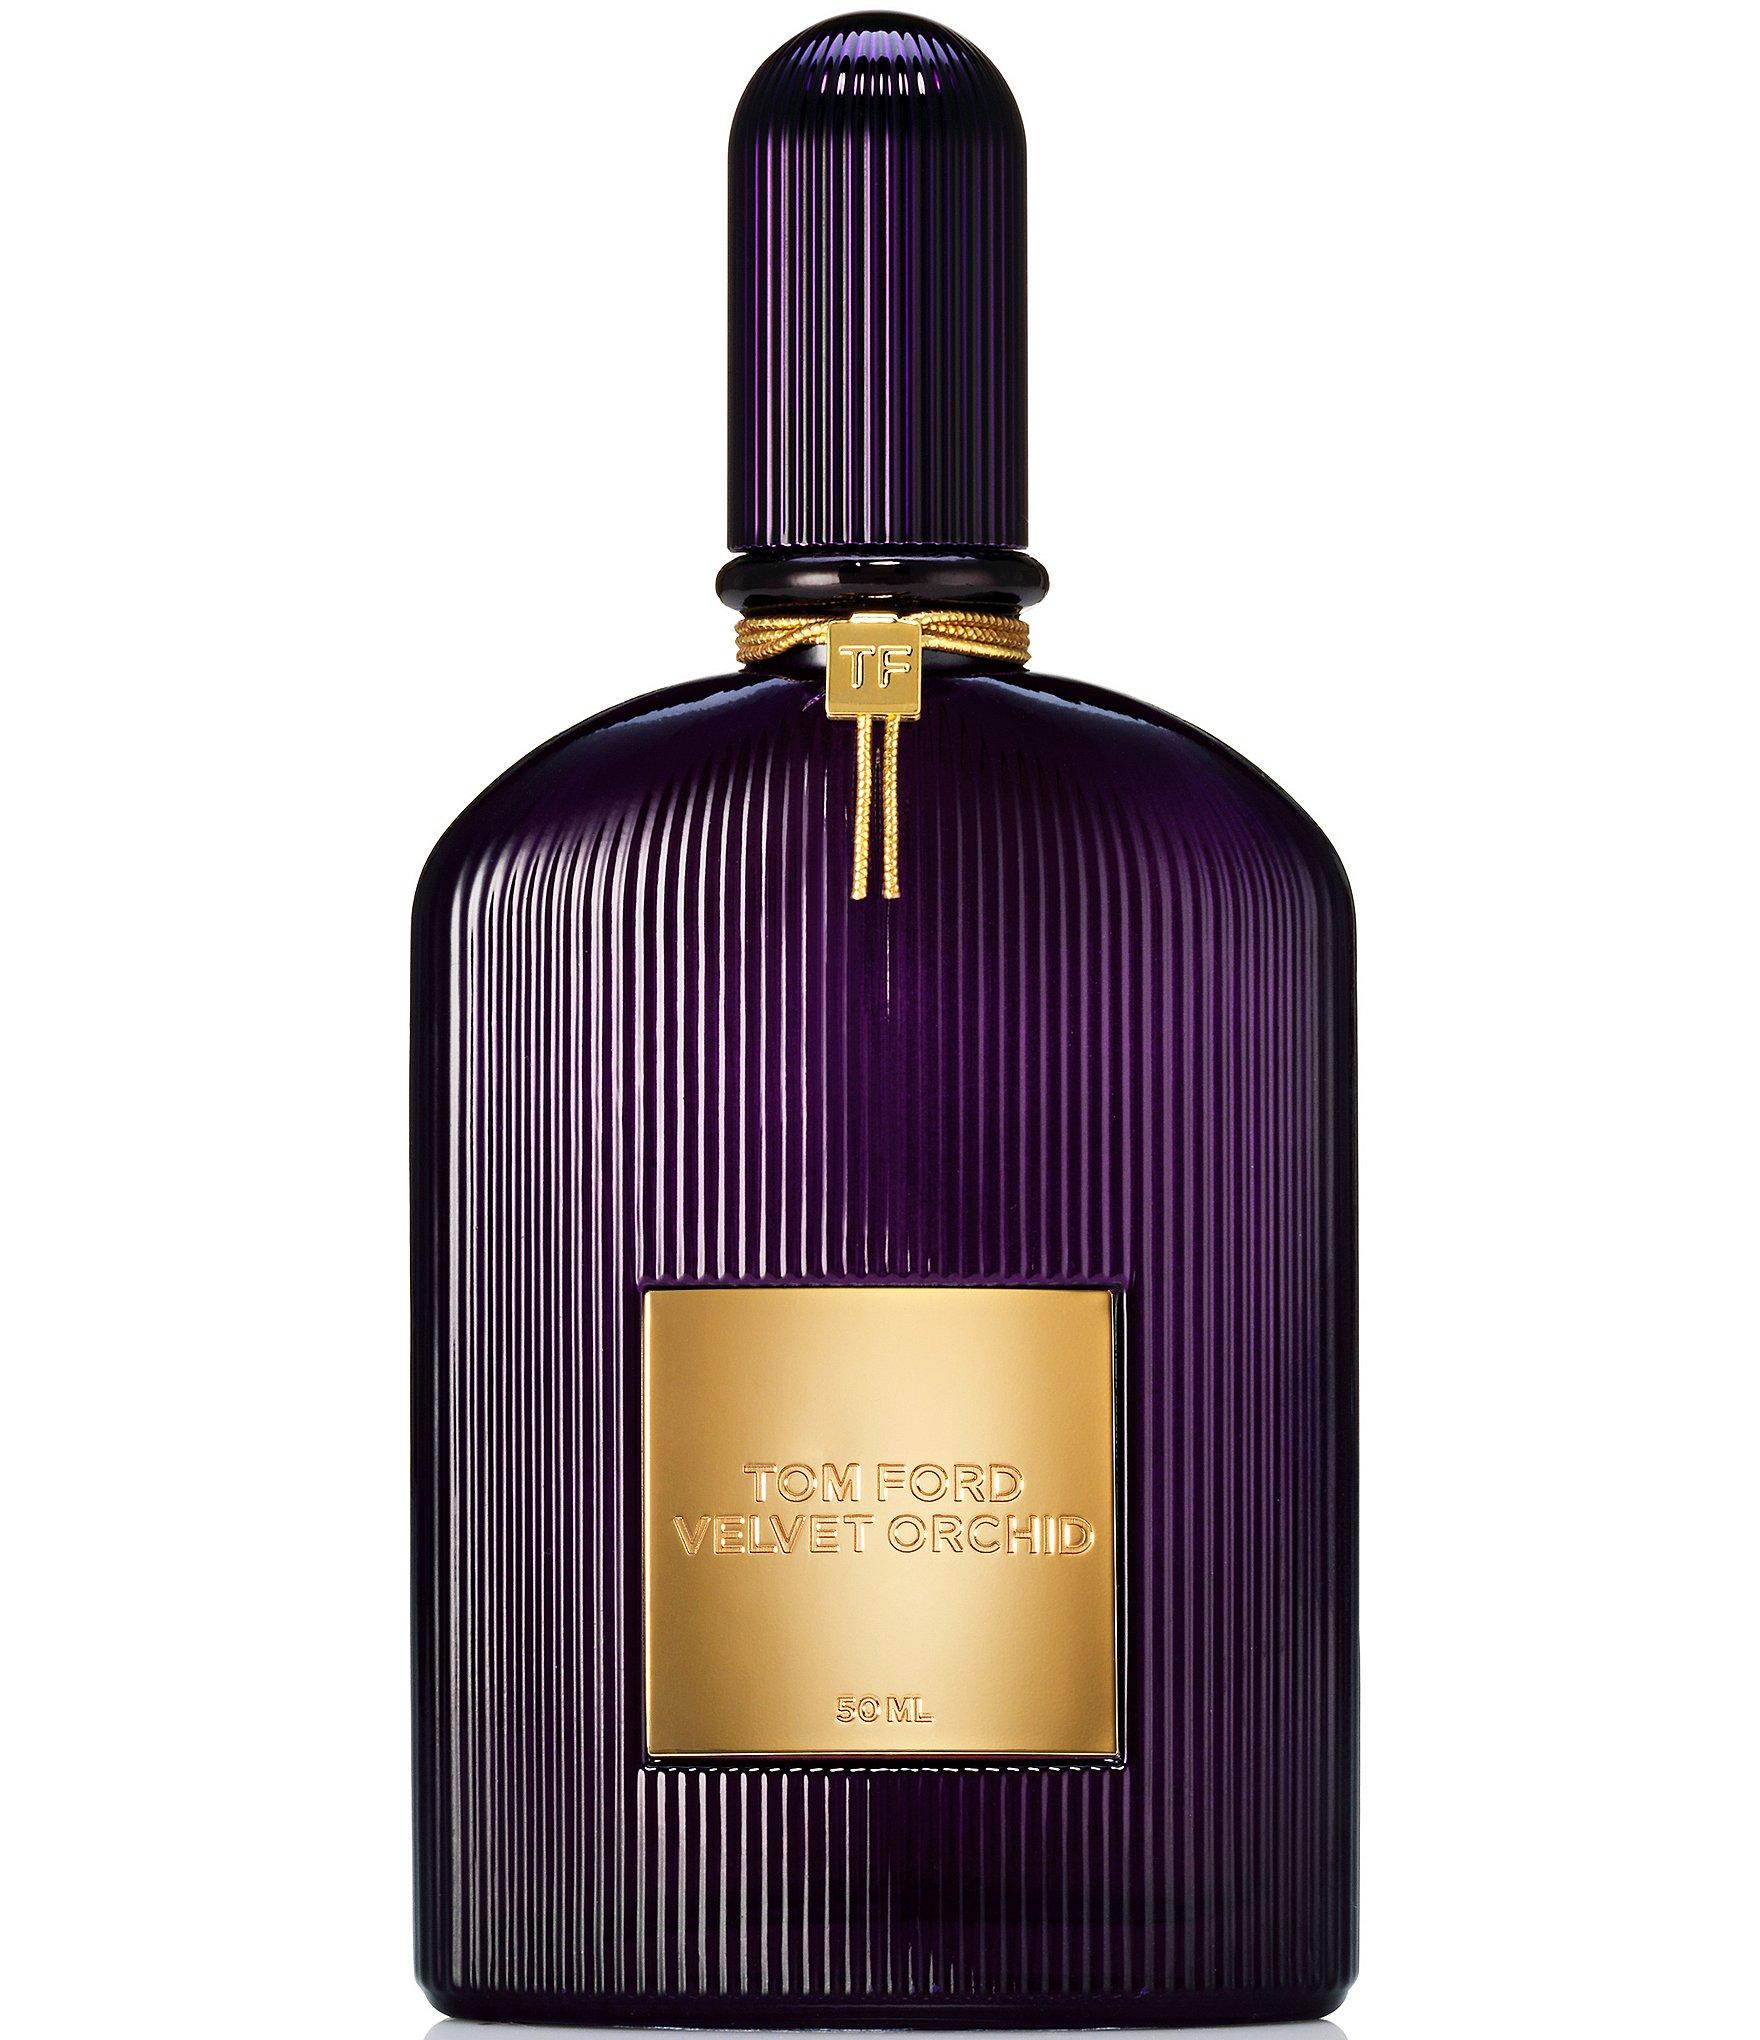 tom ford velvet orchid eau de parfum dillards. Black Bedroom Furniture Sets. Home Design Ideas